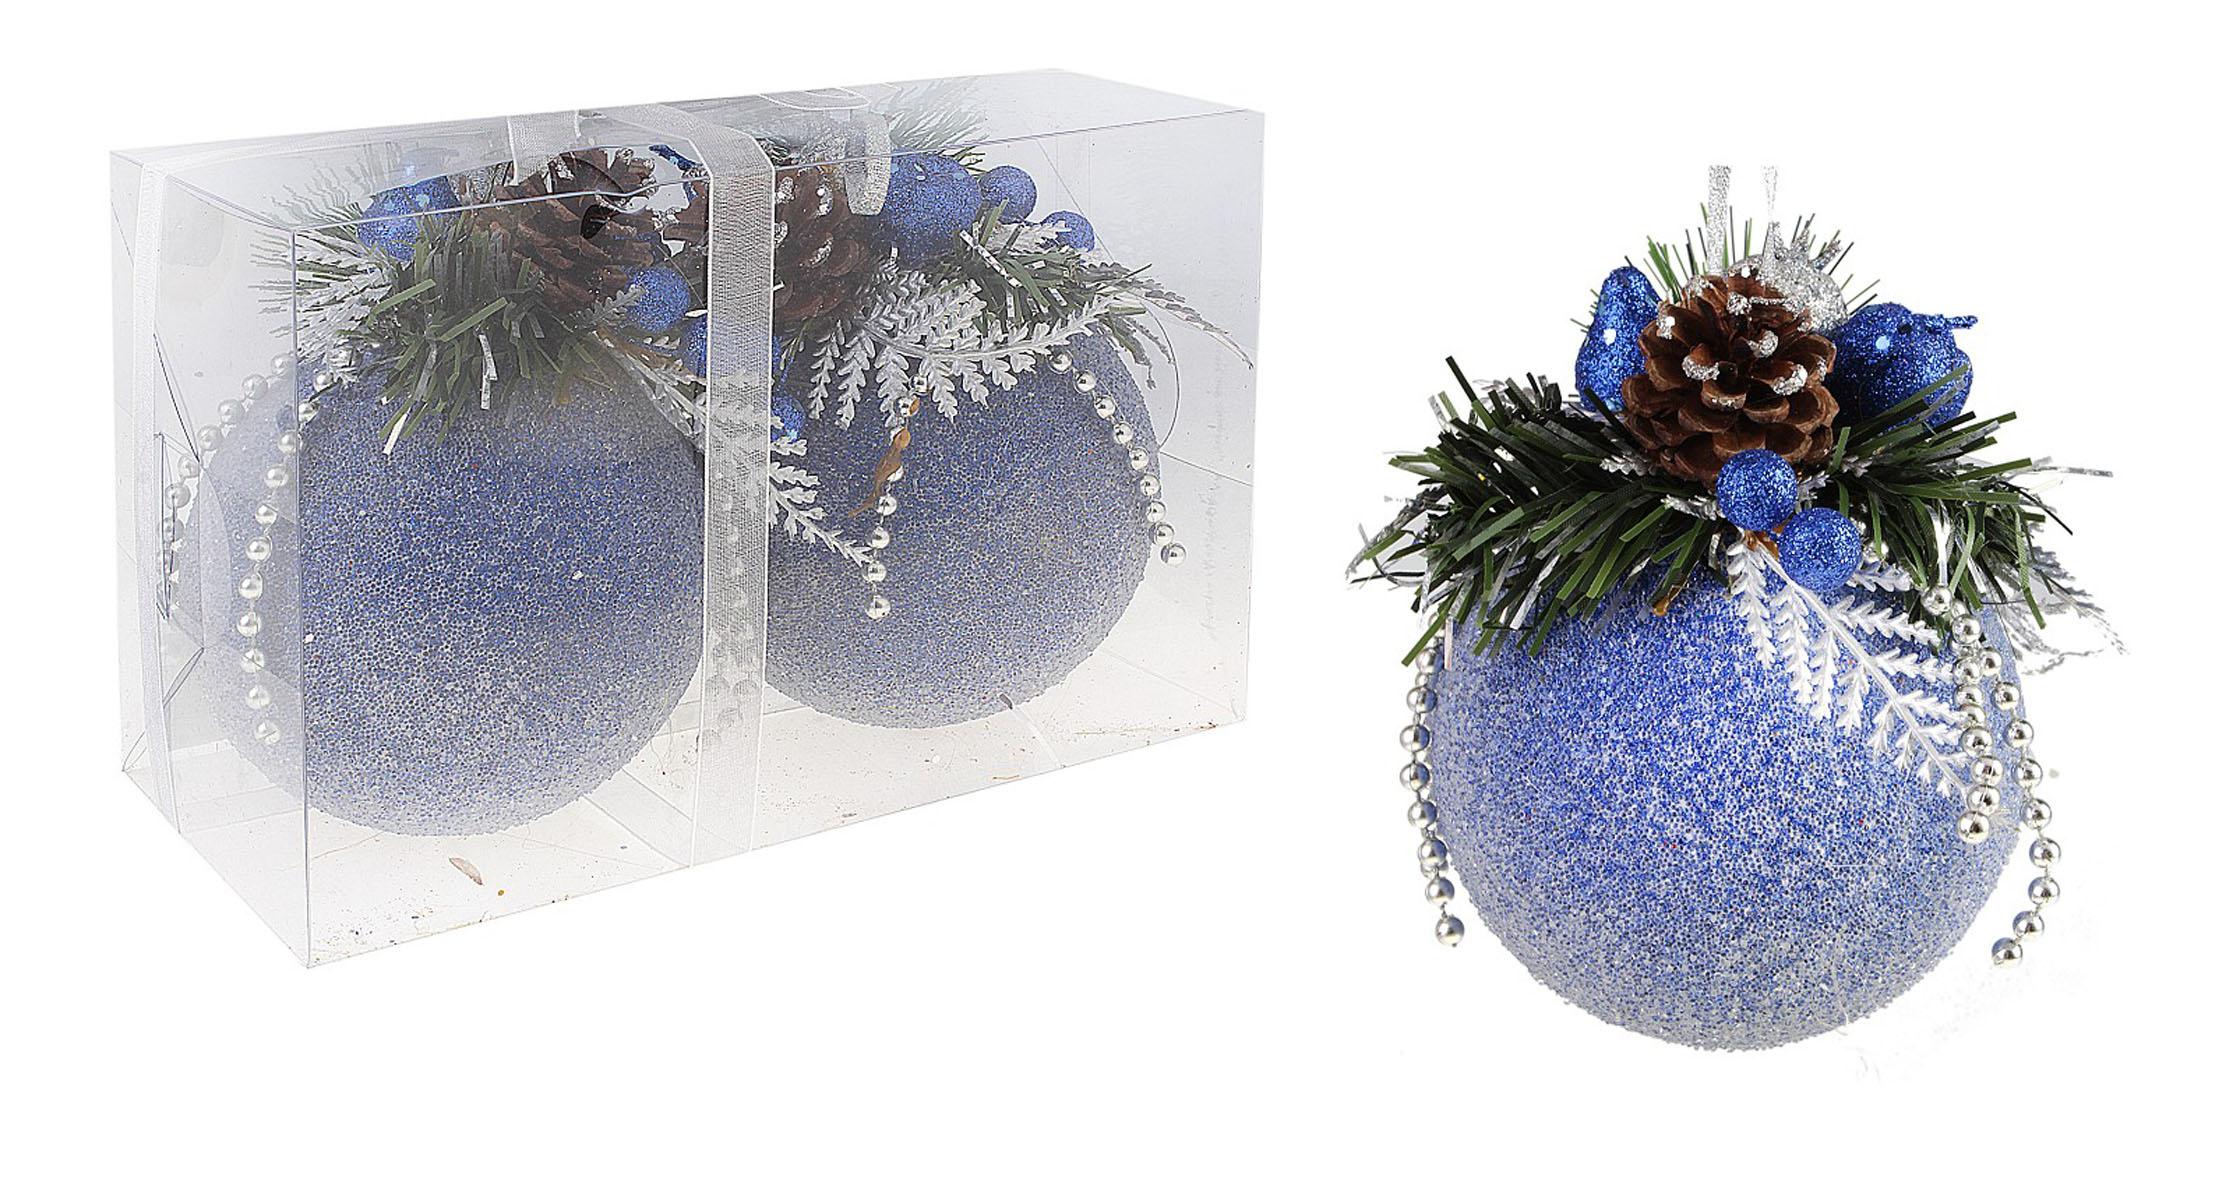 Набор новогодних подвесных украшений Sima-land Шар, цвет: синий, диаметр 10 см, 2 шт. 542597542597Набор новогодних подвесных украшений выполнен из рельефного пластика в форме шаров. Каждый шар оформлен декоративной композицией из еловых веток и шишек, пластиковых ягод, груш, листьев и бус. С помощью специальной петельки украшение можно повесить в любом понравившемся вам месте. Но, конечно, удачнее всего такой набор будет смотреться на праздничной елке. Елочная игрушка - символ Нового года. Она несет в себе волшебство и красоту праздника. Создайте в своем доме атмосферу веселья и радости, украшая новогоднюю елку нарядными игрушками, которые будут из года в год накапливать теплоту воспоминаний.